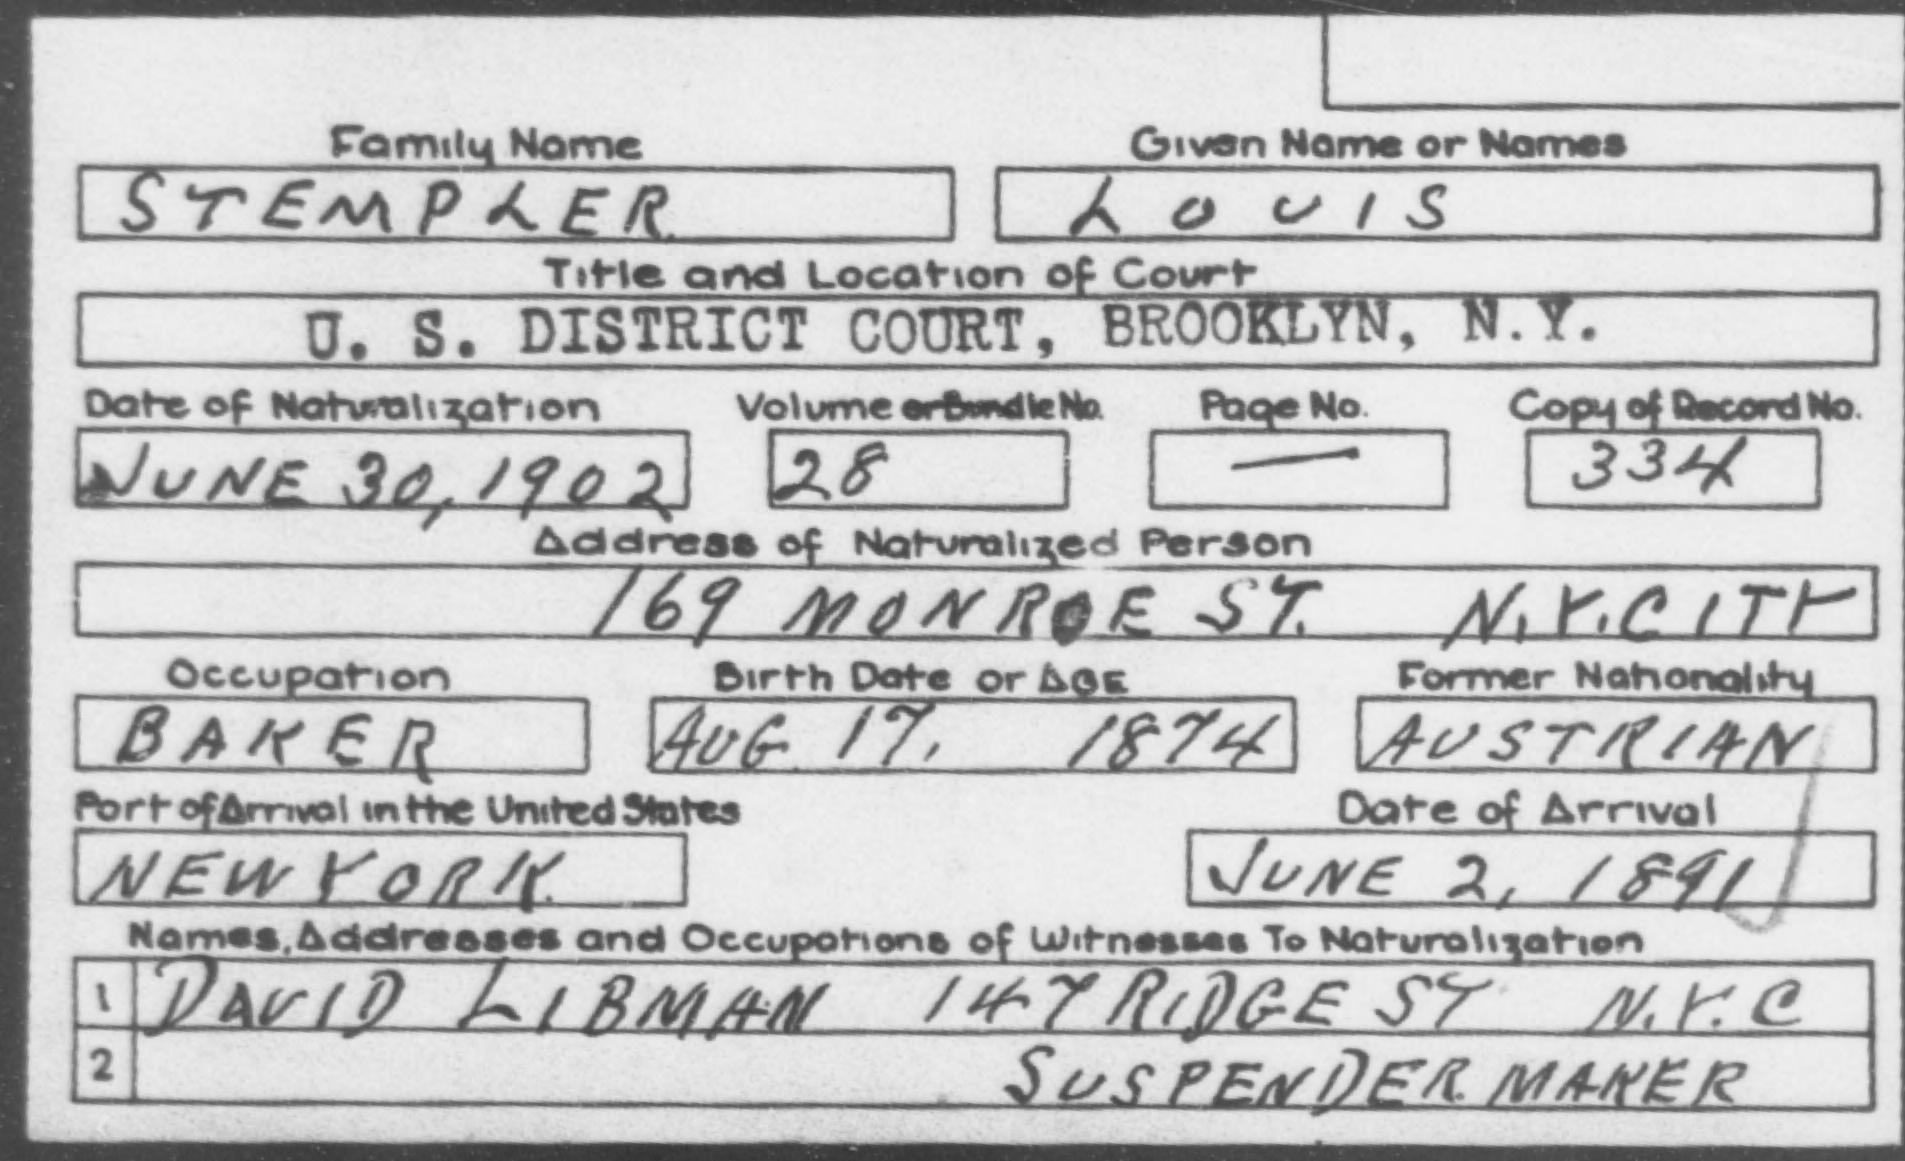 STEMPLER, LOUIS - Born: 1874, Naturalized: 1902